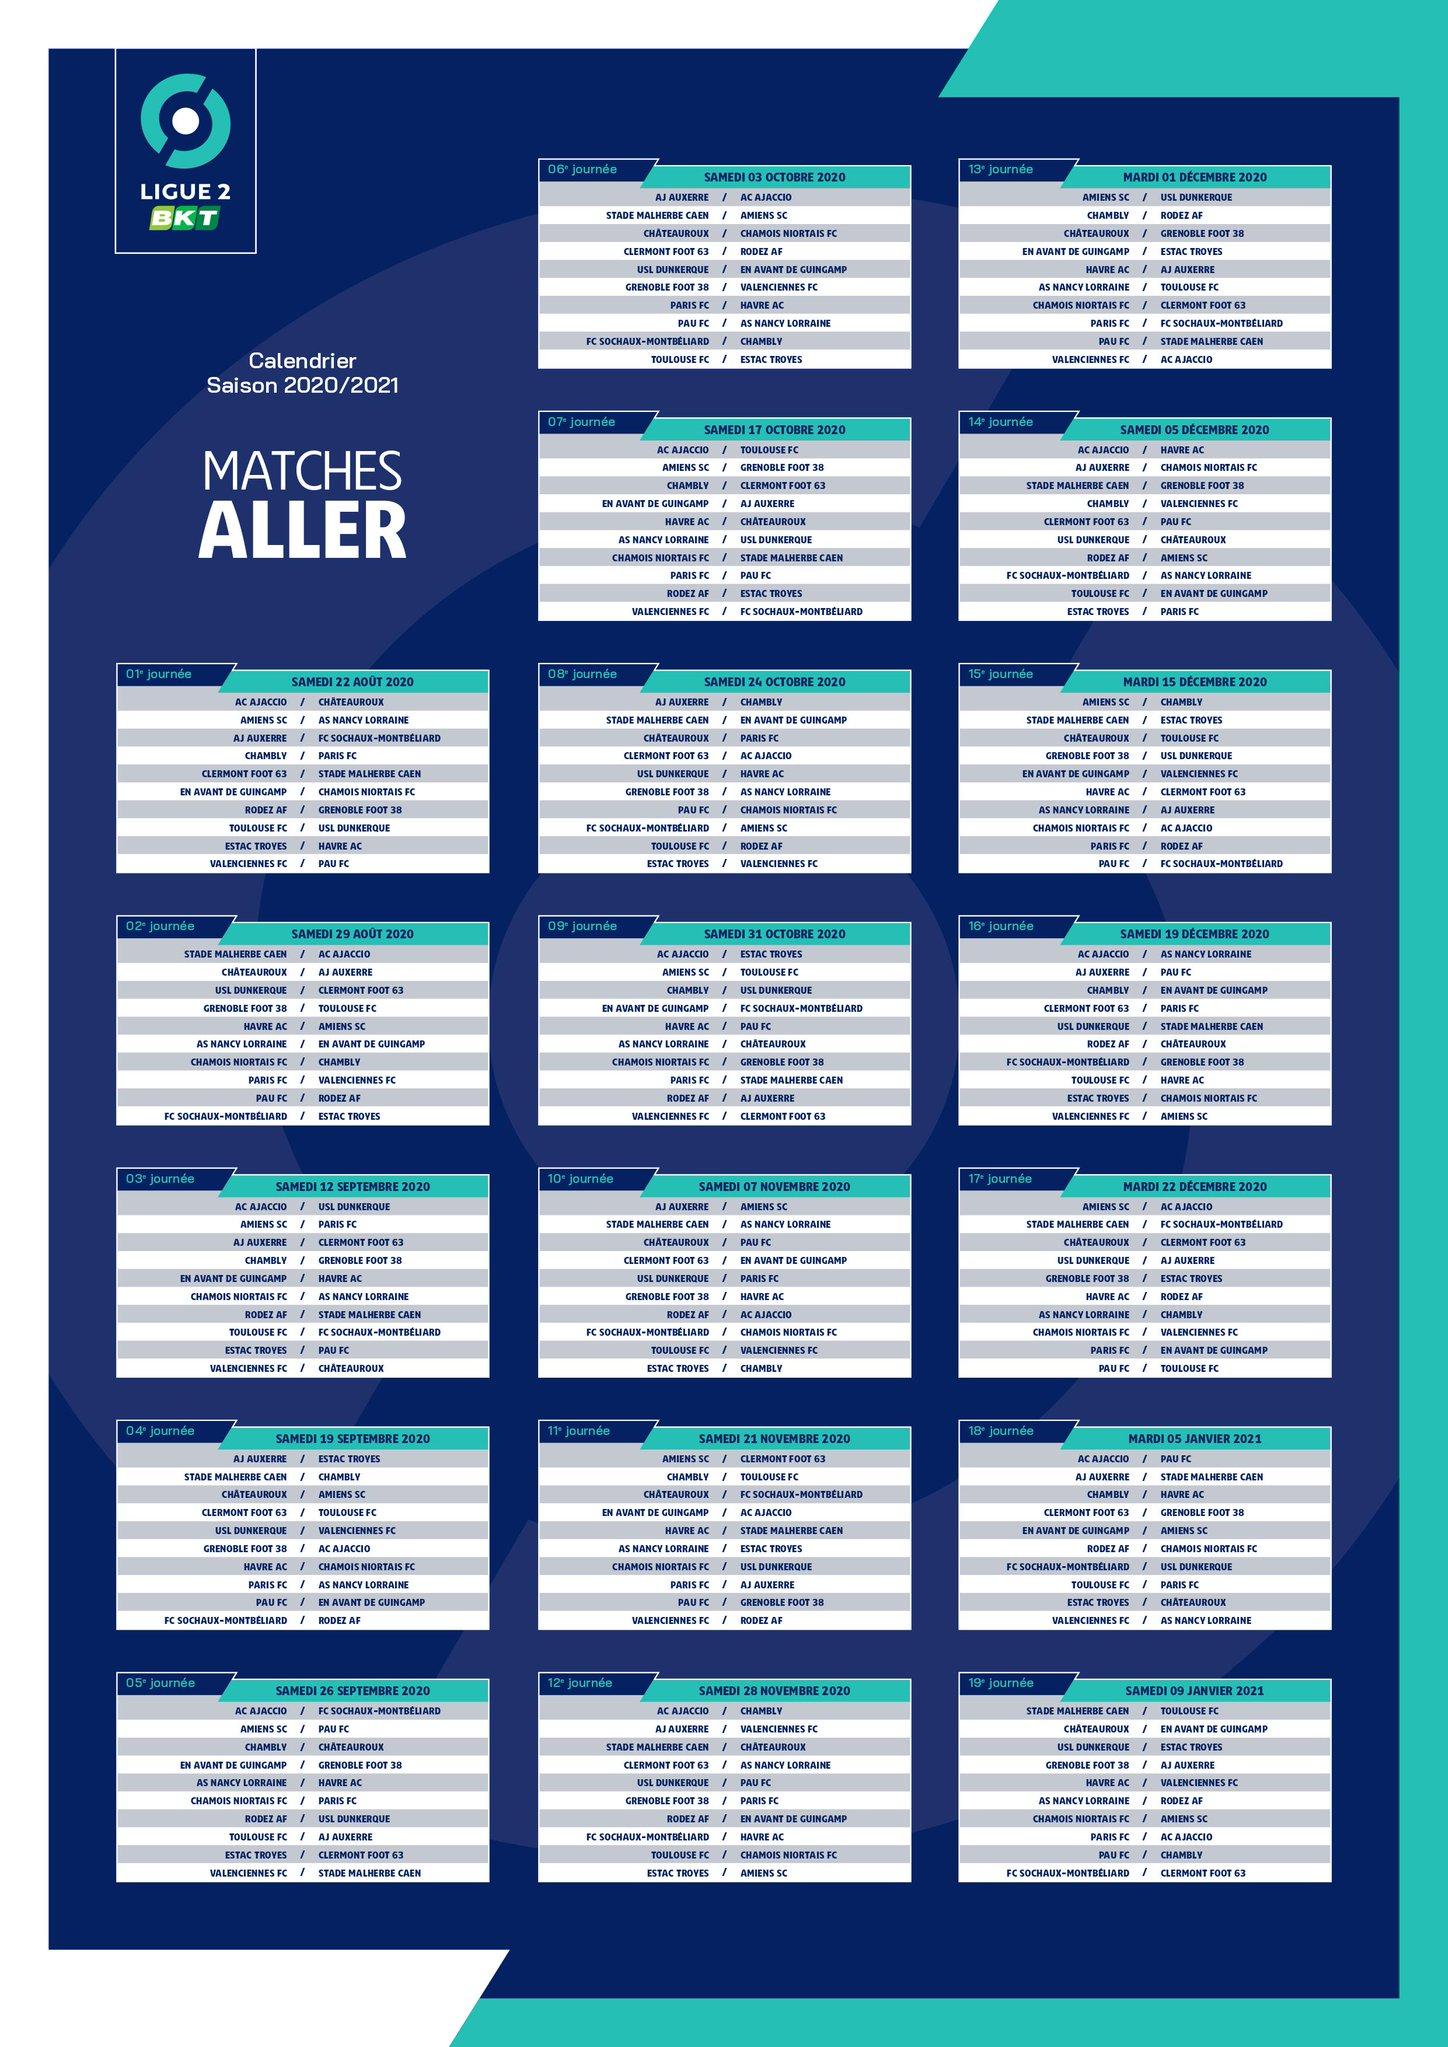 Calendrier L2 2021 Ligue 2 : le calendrier 2020 2021 journée par journée   Grenoble